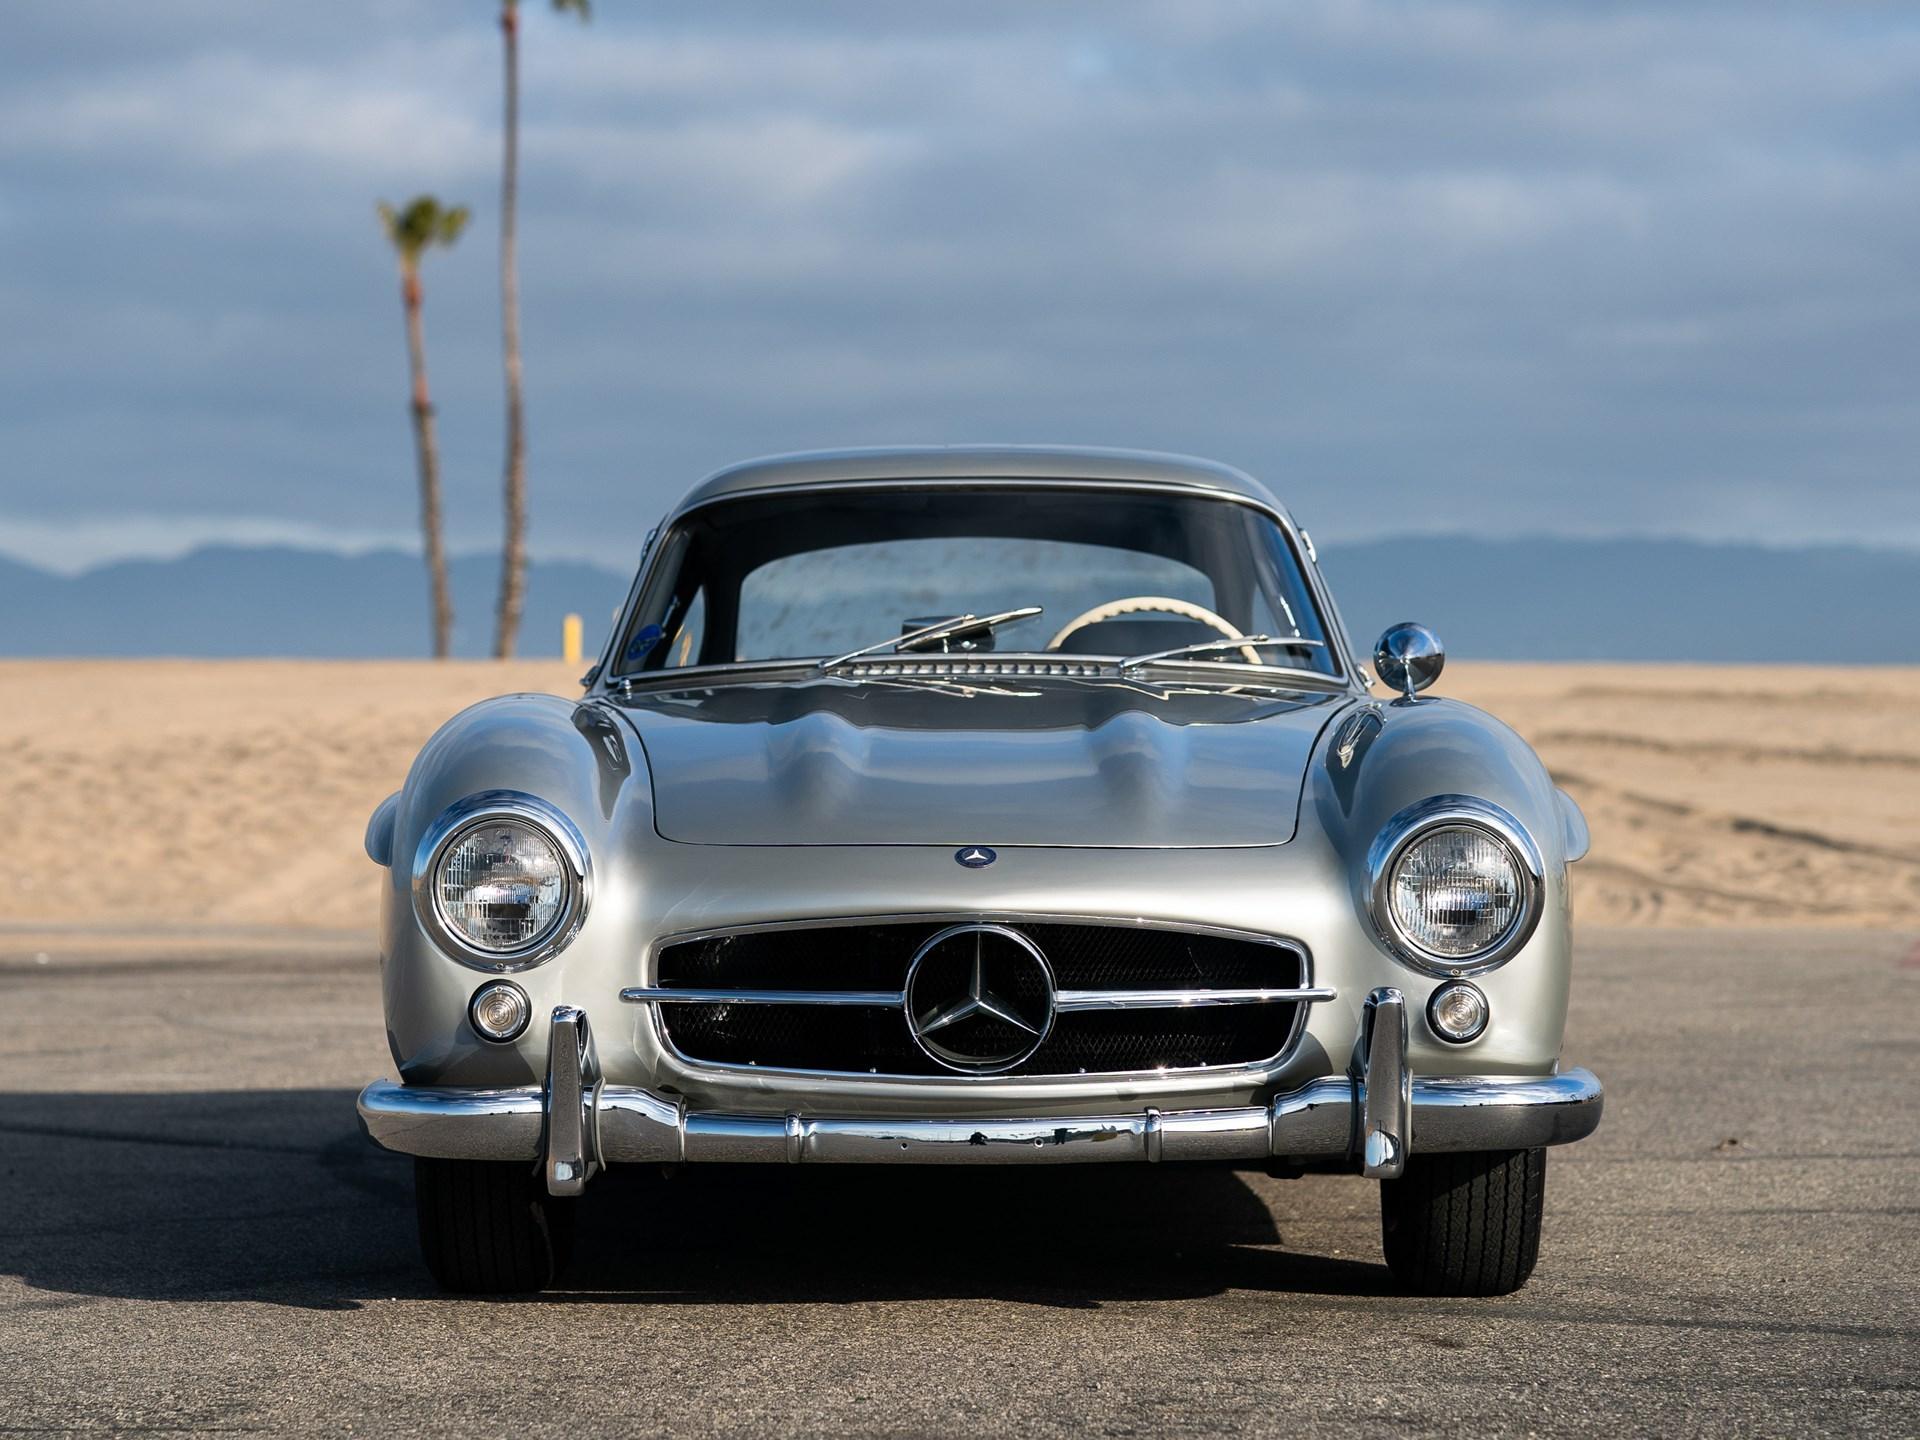 1955 Mercedes-Benz 300 SL Gullwing front end